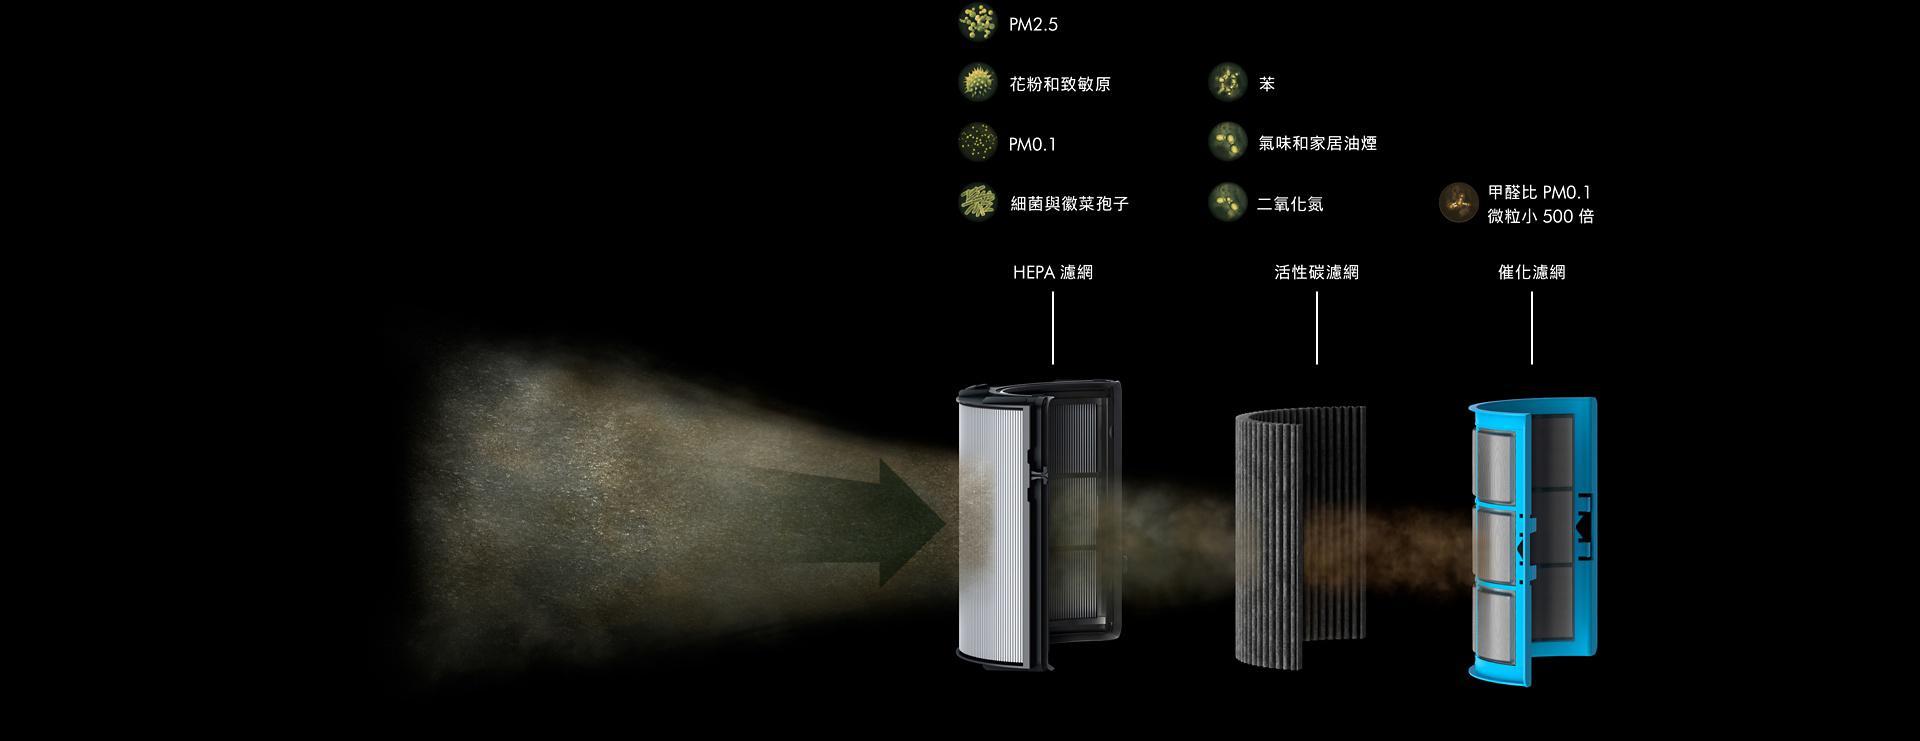 HEPA filter - common pollutants